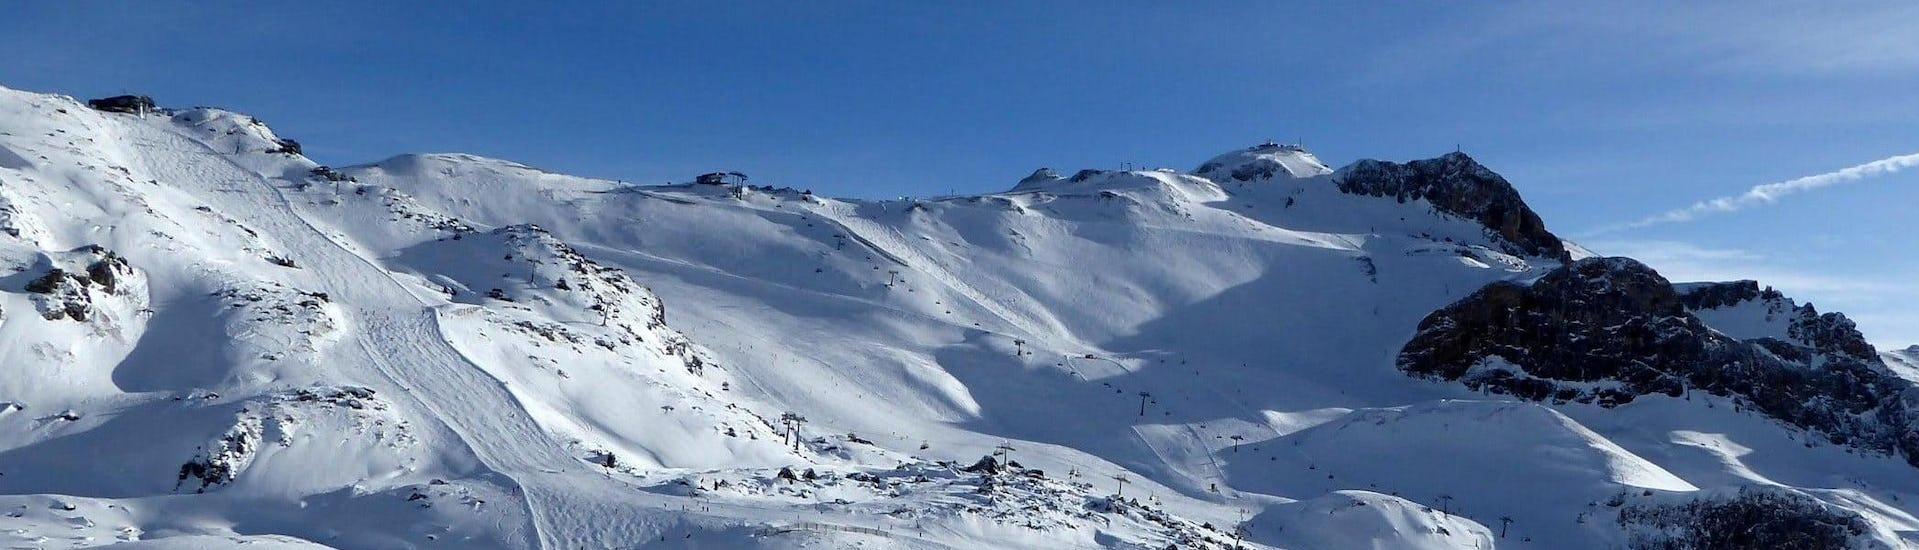 Blik op een zonnig berglandschap tijdens een skiles met een van de skischolen in Ischgl.